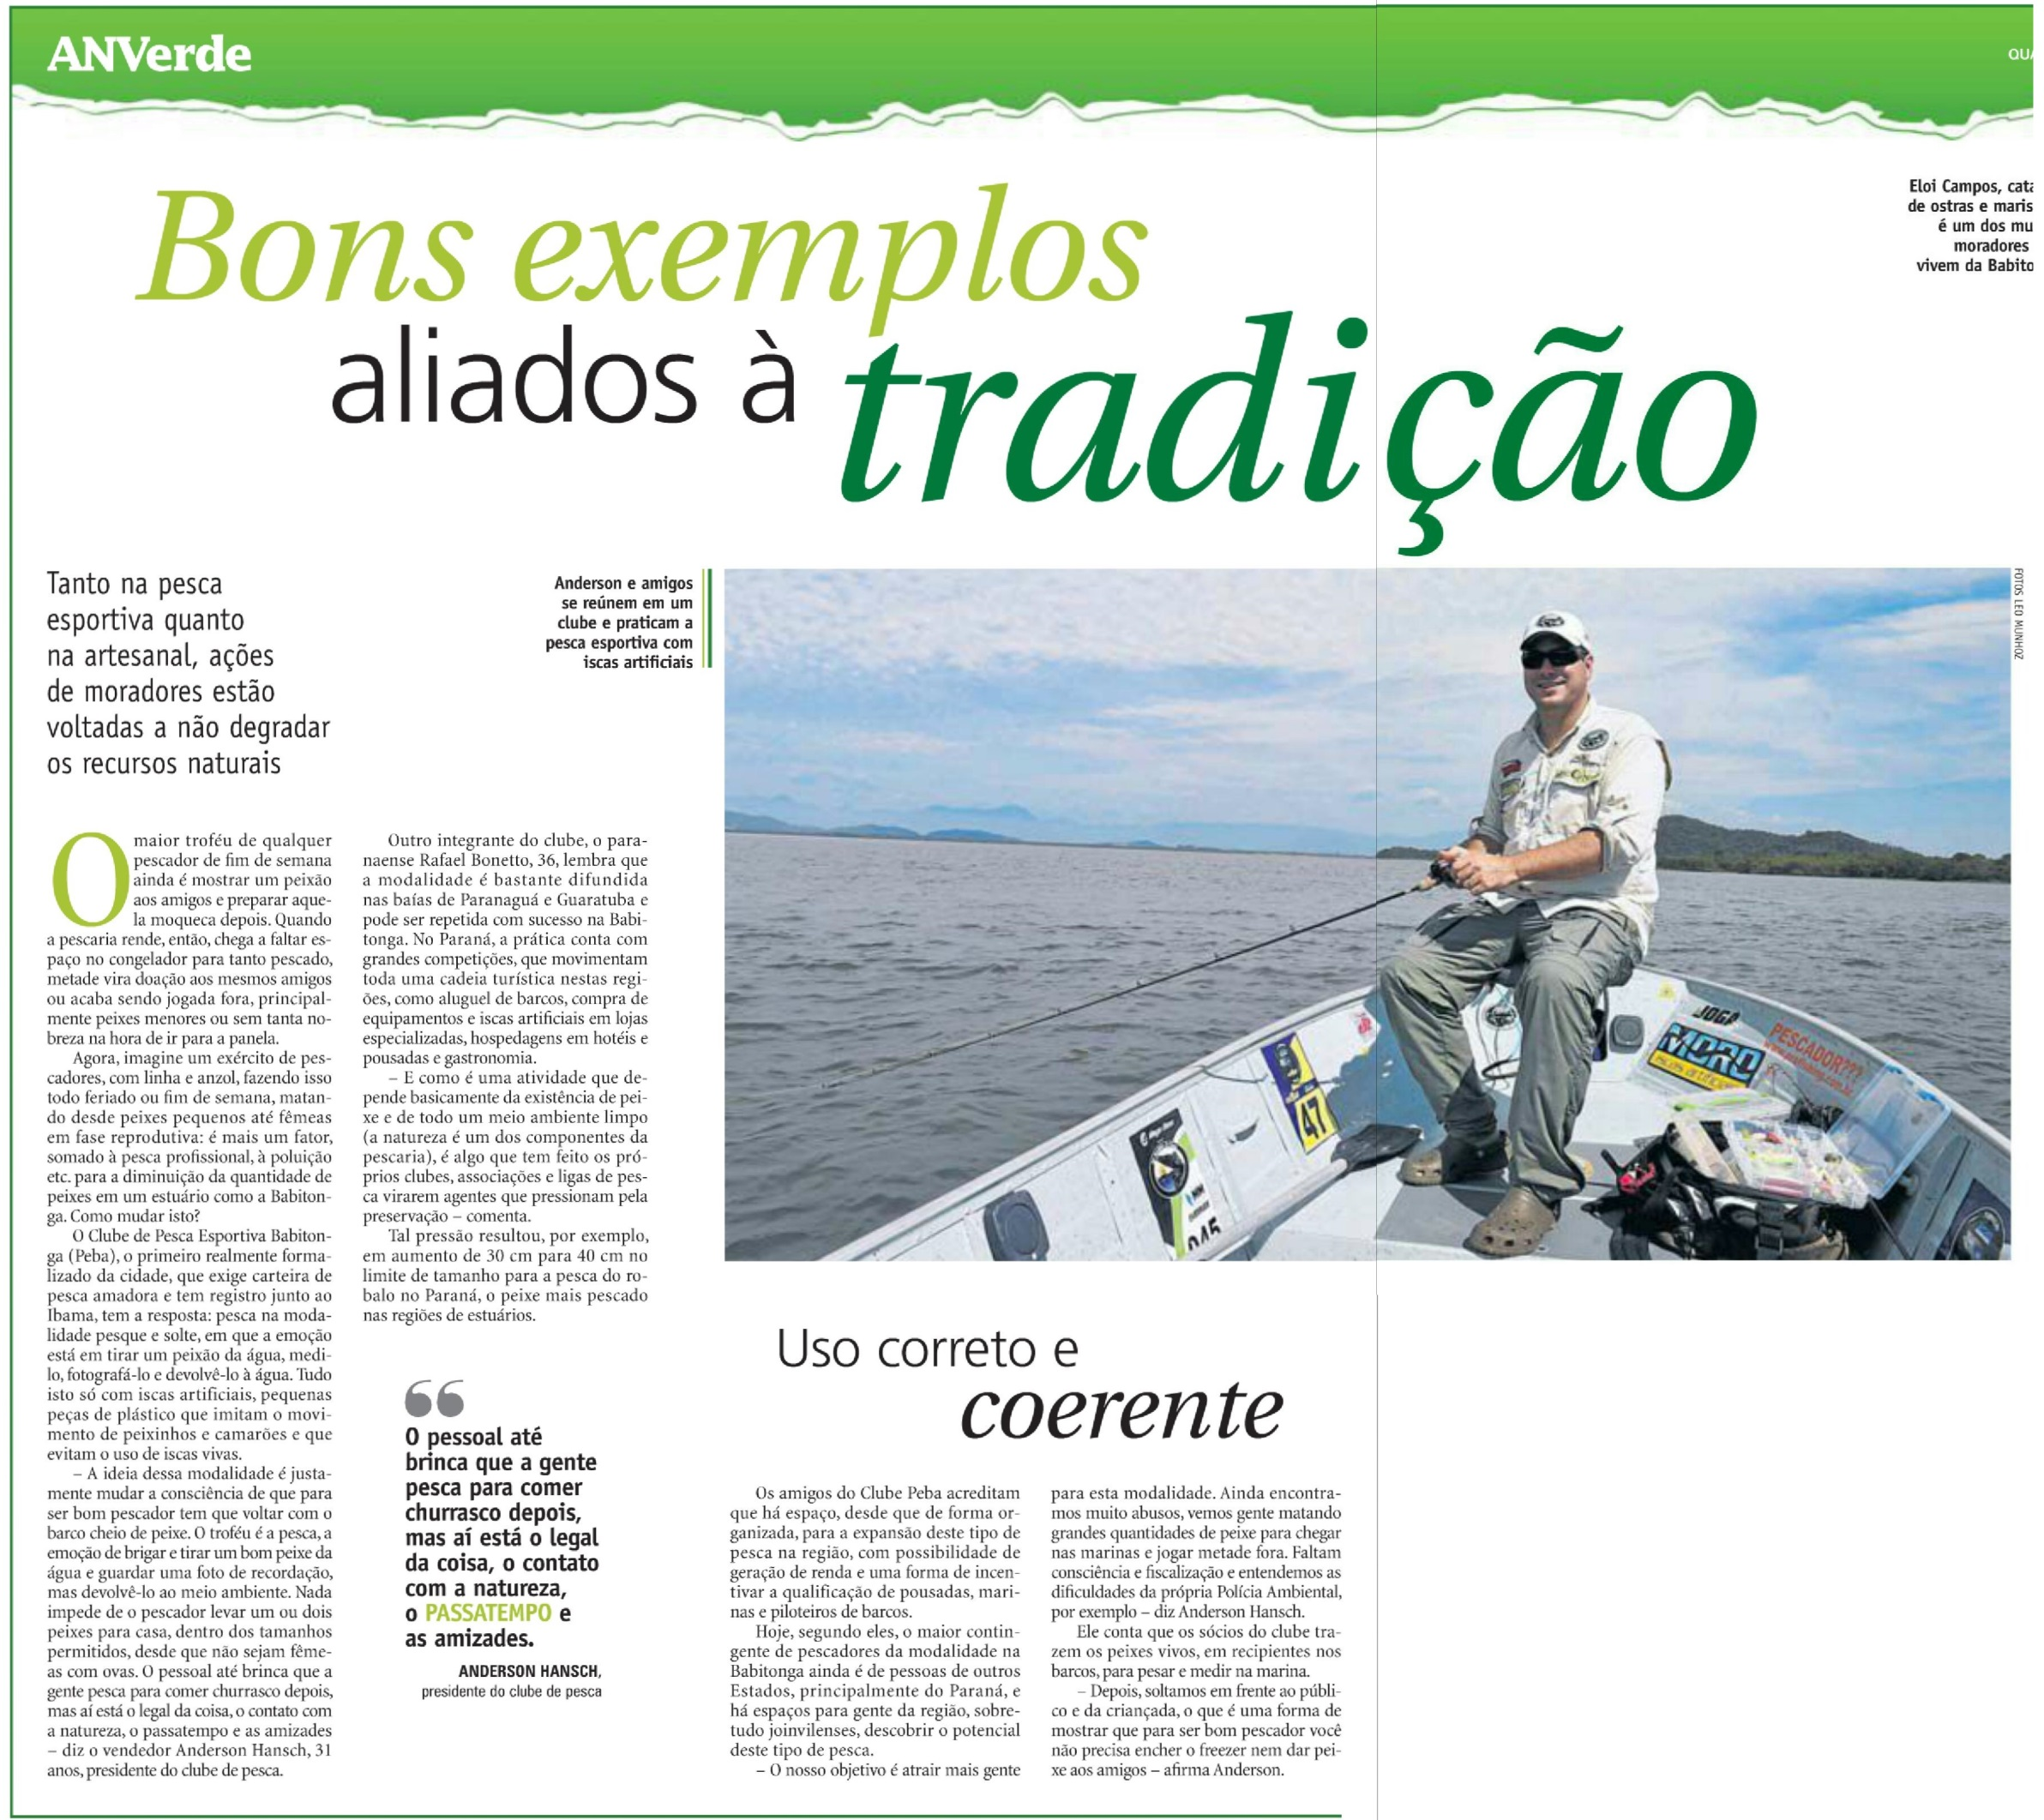 Clube PEBA no Caderno Especial sobre Baía da Babitonga do Jornal A Notícia